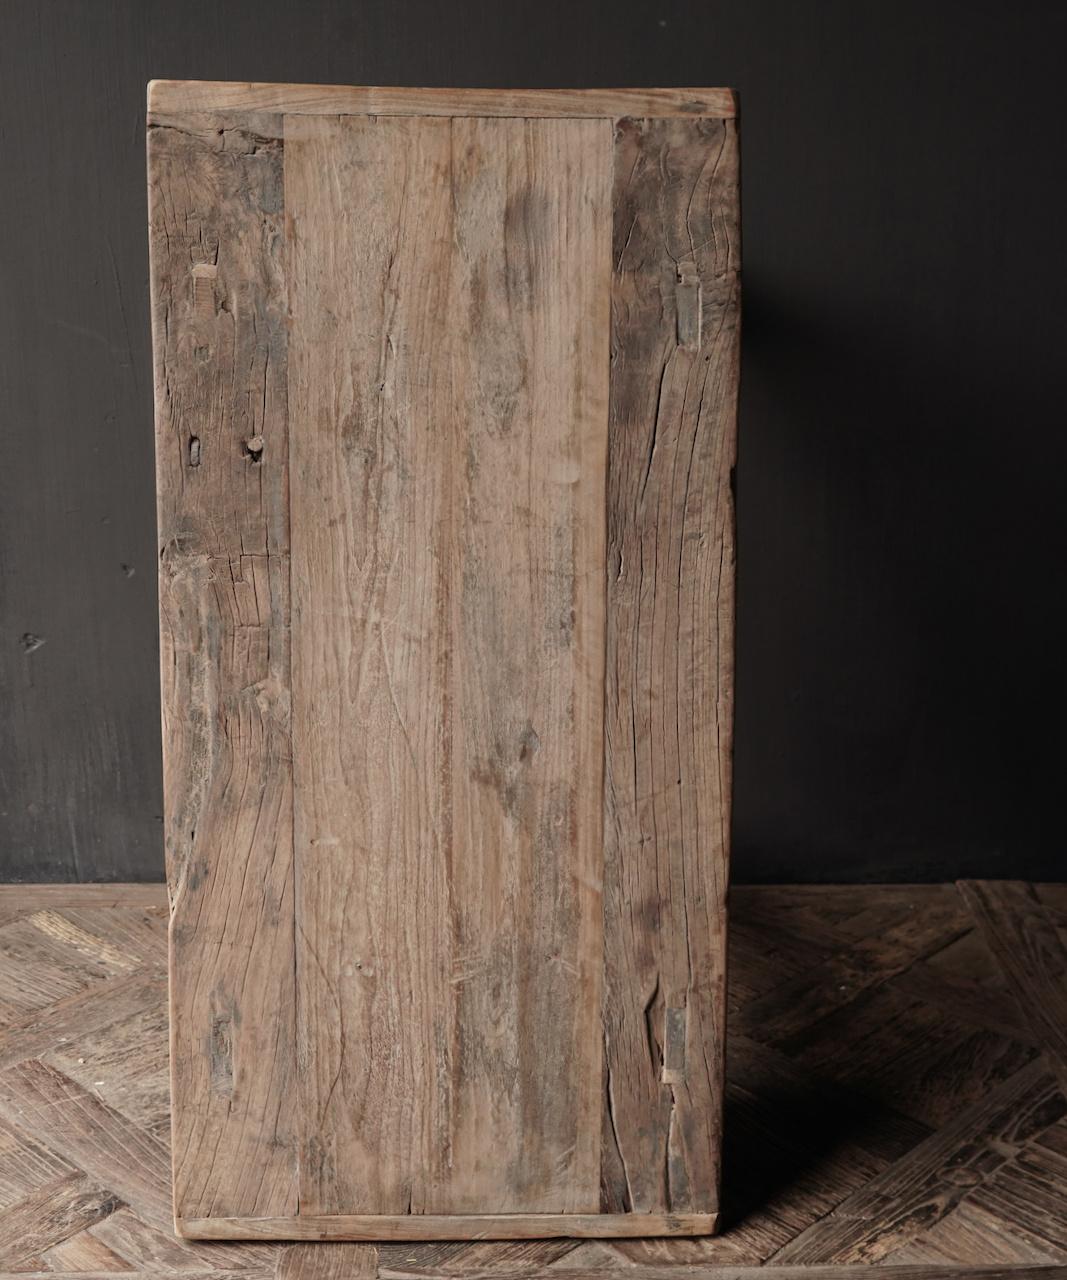 Alter Beistelltisch aus Stoer Elmwood / Ulmenholz Wandtisch mit Schublade-7